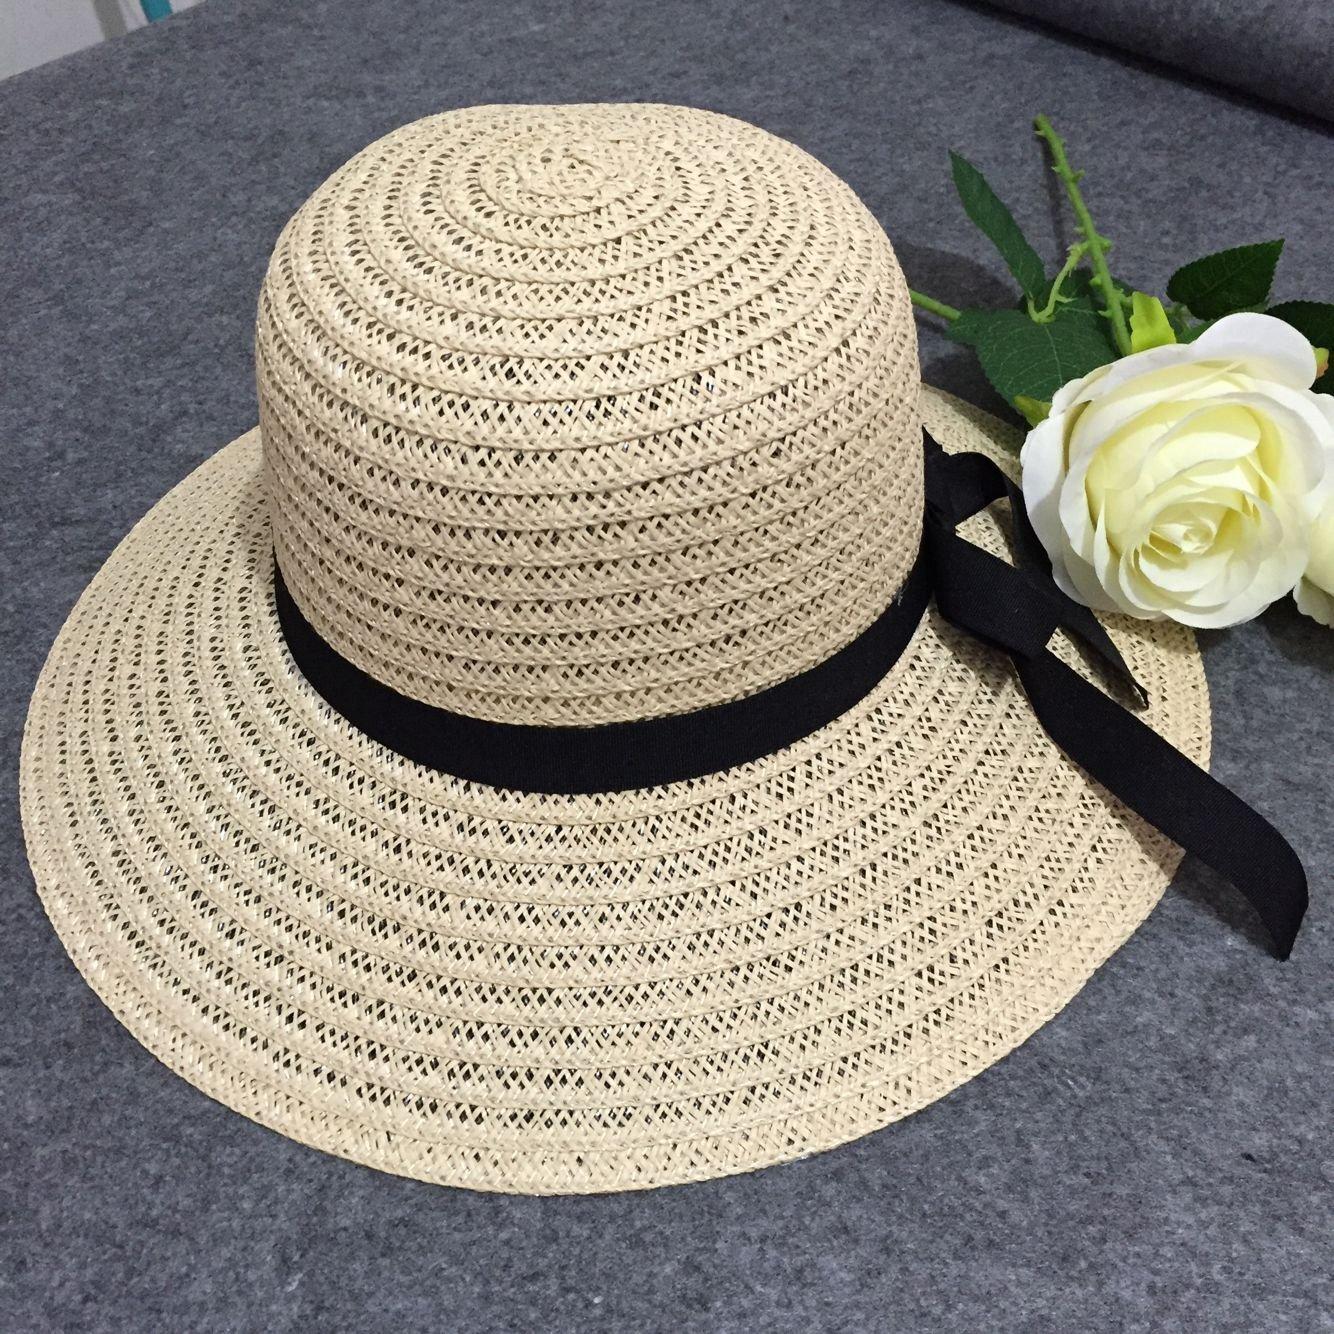 ZHANGYONG*Tapa de marea de verano los niños sombrero de paja pajarita tapa de verano en la playa sombreros sunscreen Sra. a lo largo de la mayor visor , son de código (54-58cm) , beige